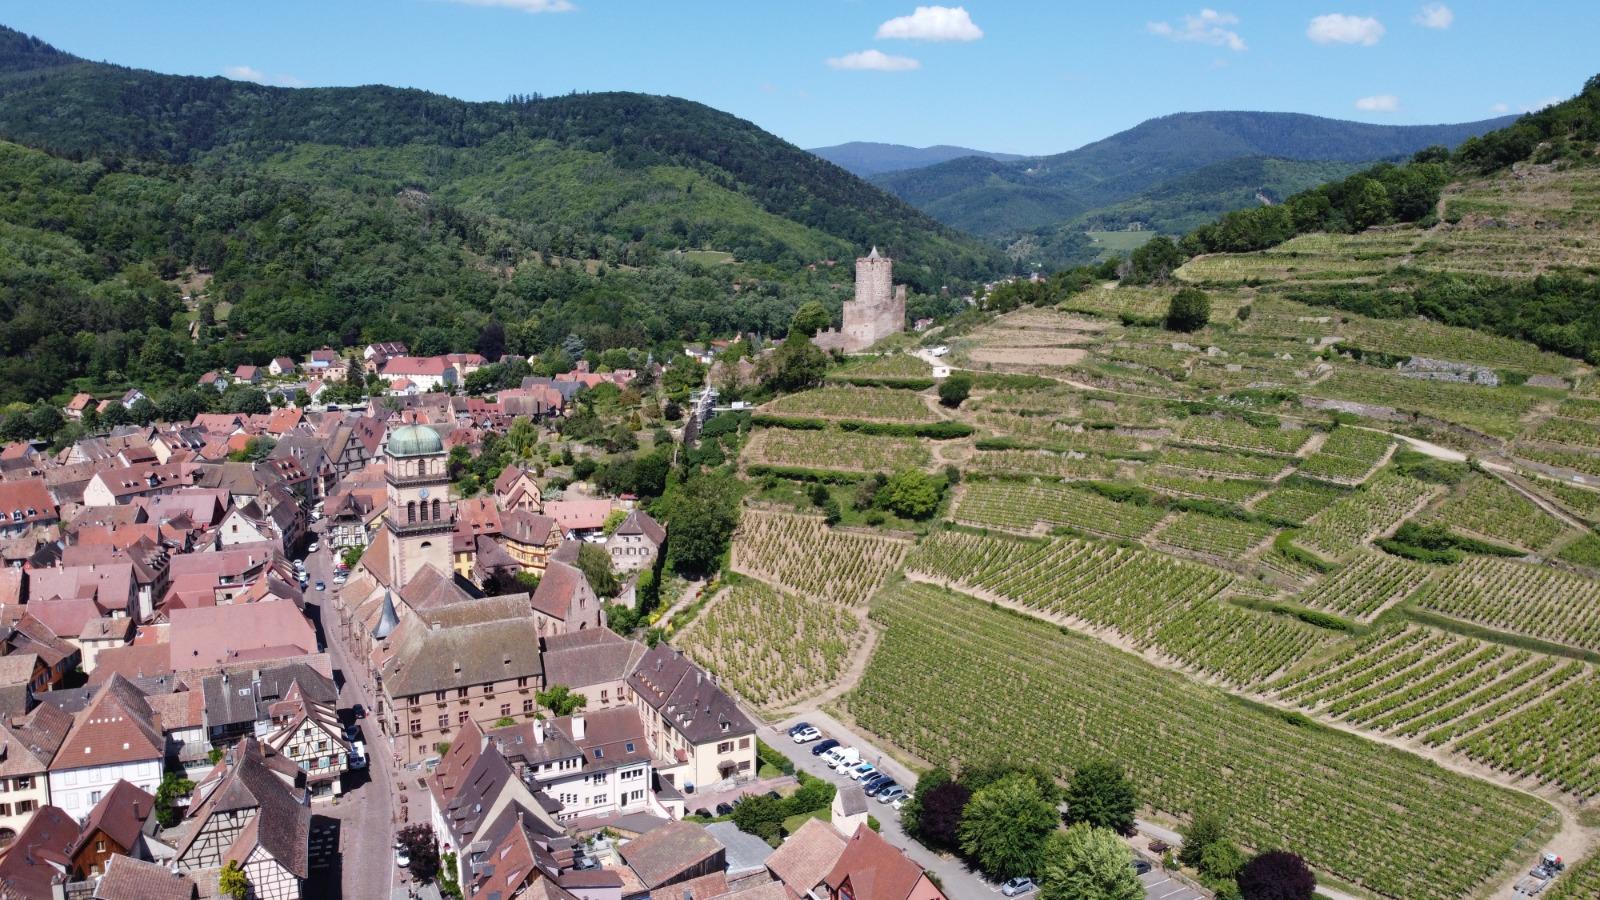 Le village de 2.800 habitants est niché entre la route des vins et la routes des crètes, en Alsace